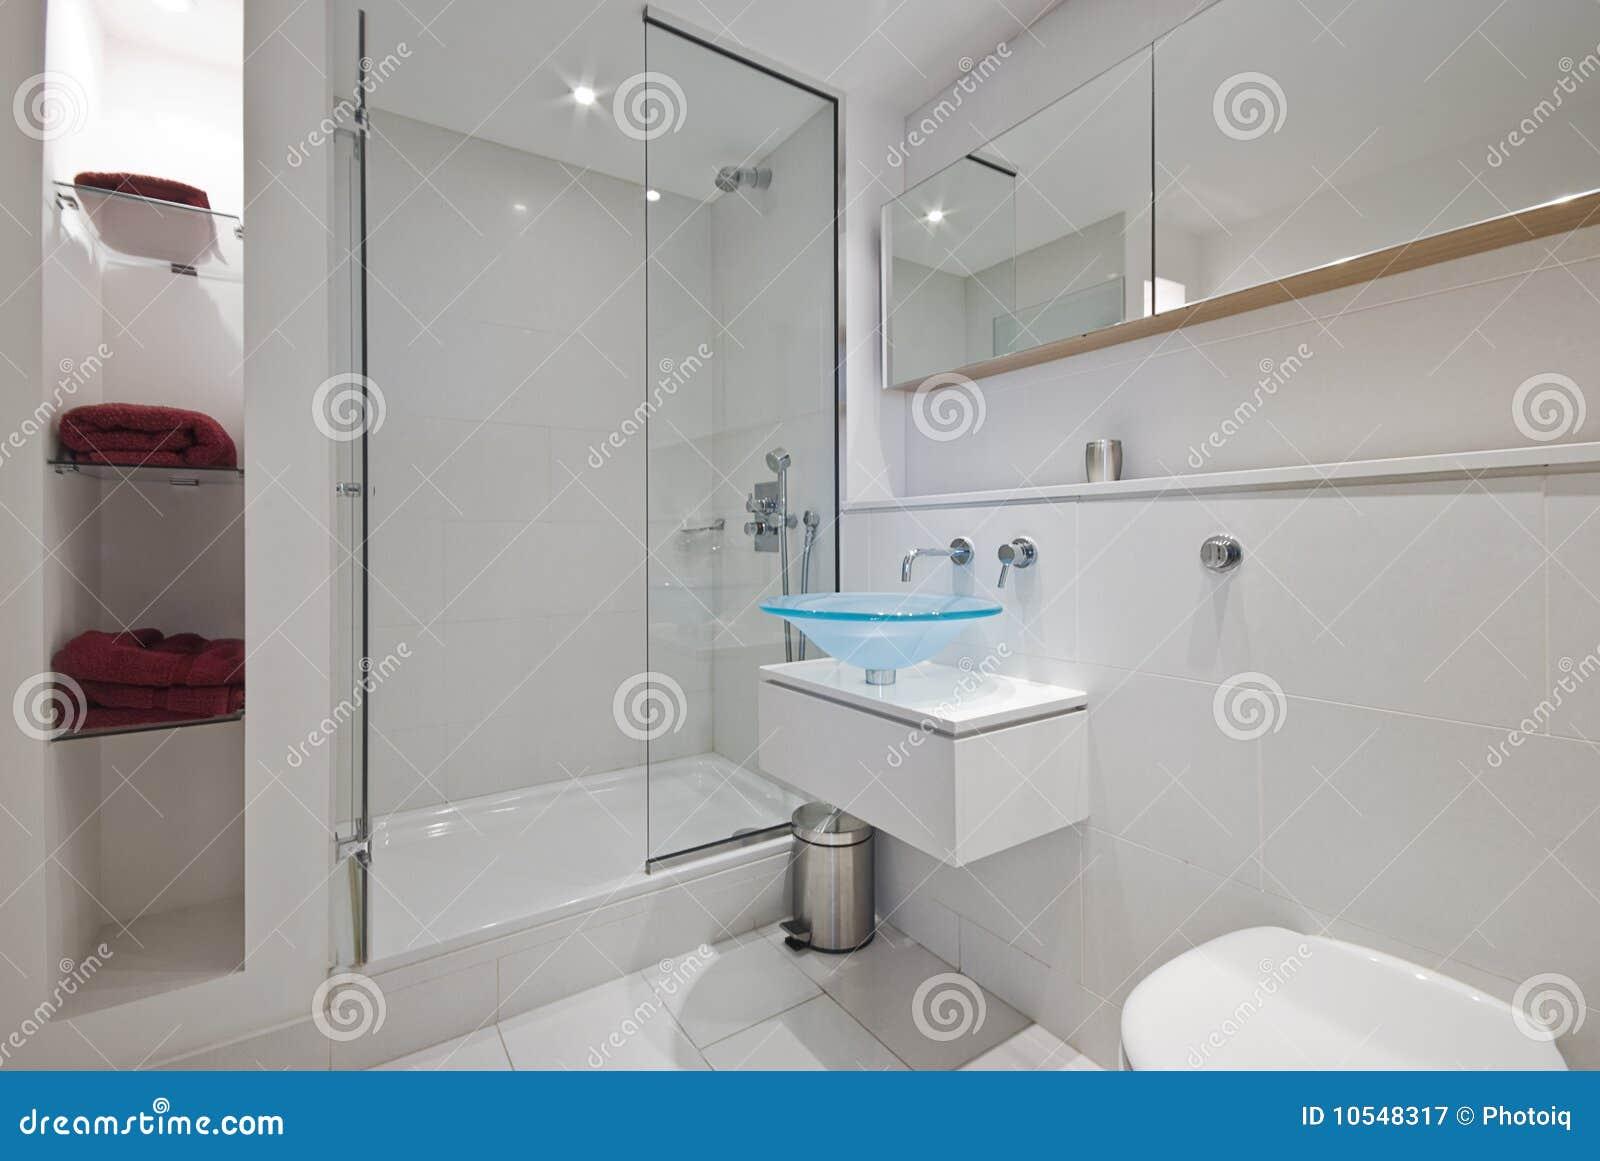 Salle de bains de luxe de suite photographie stock libre for Salle bain luxe